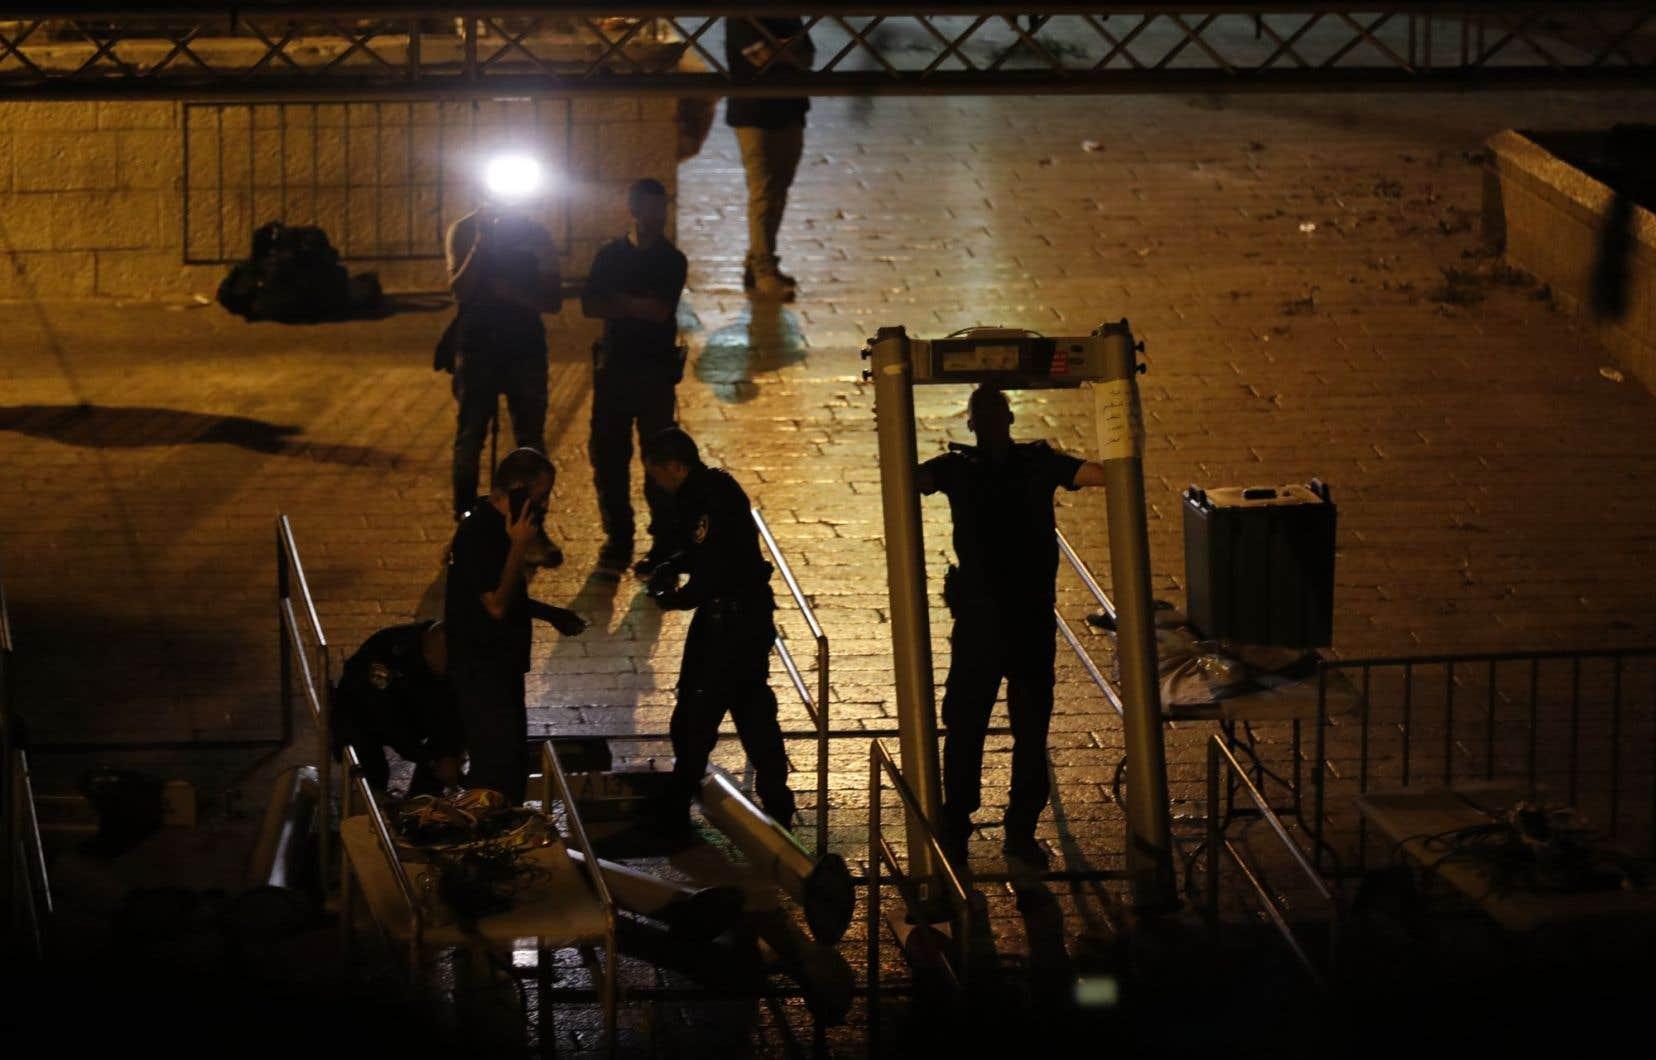 Des membres des forces de sécurité israéliennes ont retiré des barrières de sécurité à la porte des Lions, lundi, à Jérusalem.